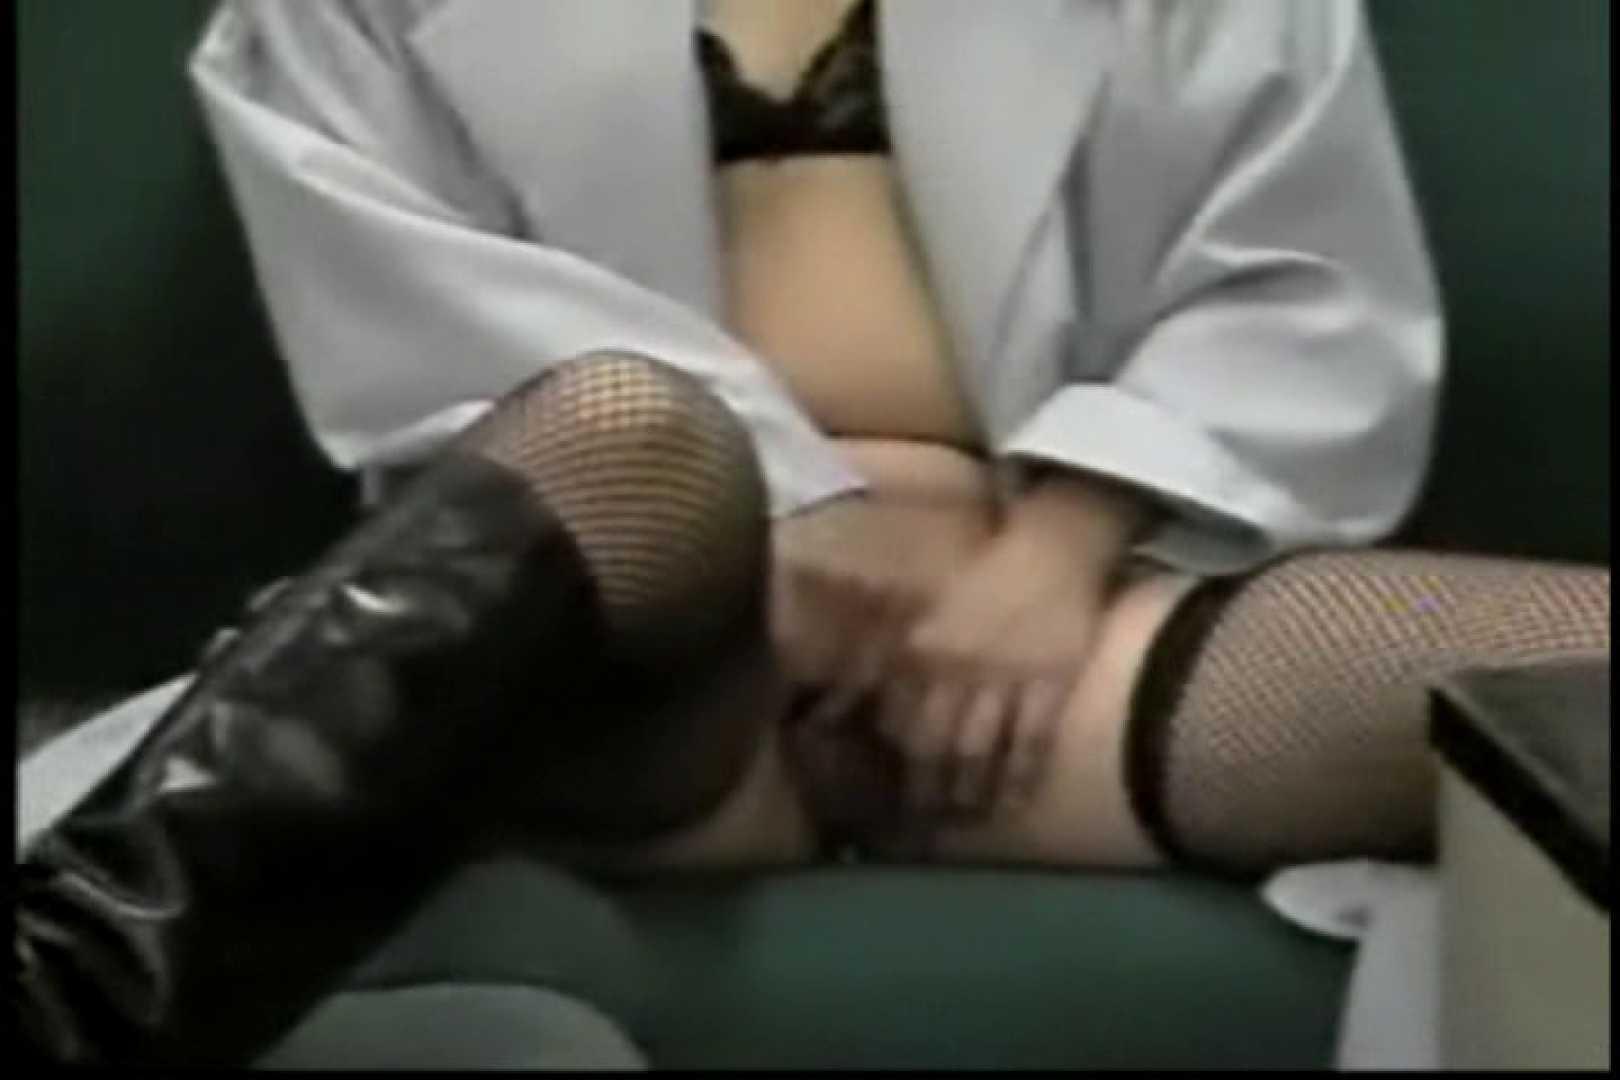 妻と寝台列車にて・・・ 車の中の秘め事   口内発射  82pic 41